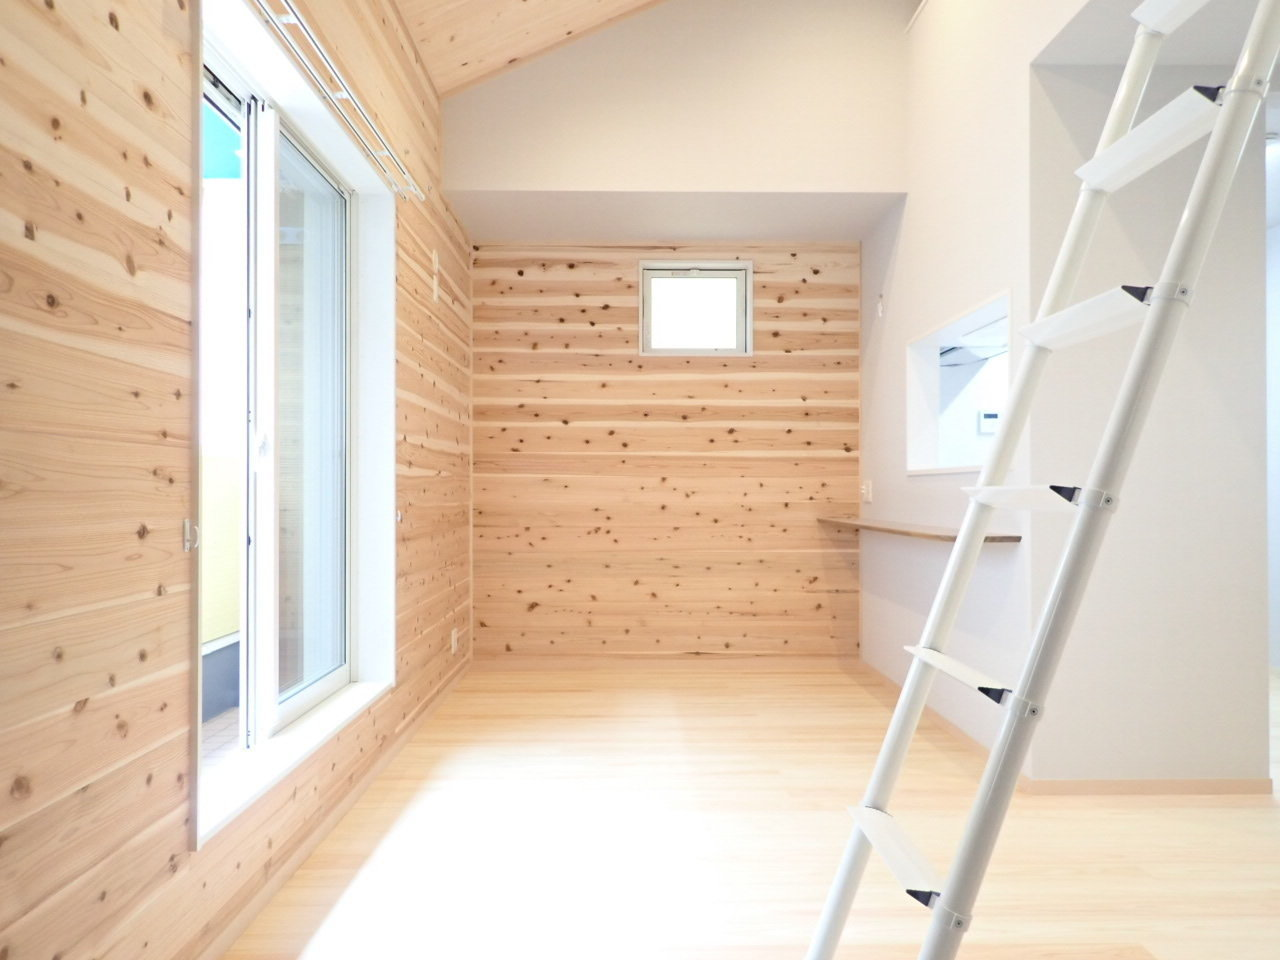 さて、お次は壁も床も無垢材を使用した、あたたかな雰囲気を醸し出す3LDKのお部屋。2階建てになっていて、1階に洋室2部屋と水回り。2階はリビングと洋室。そしてはしごの上には……